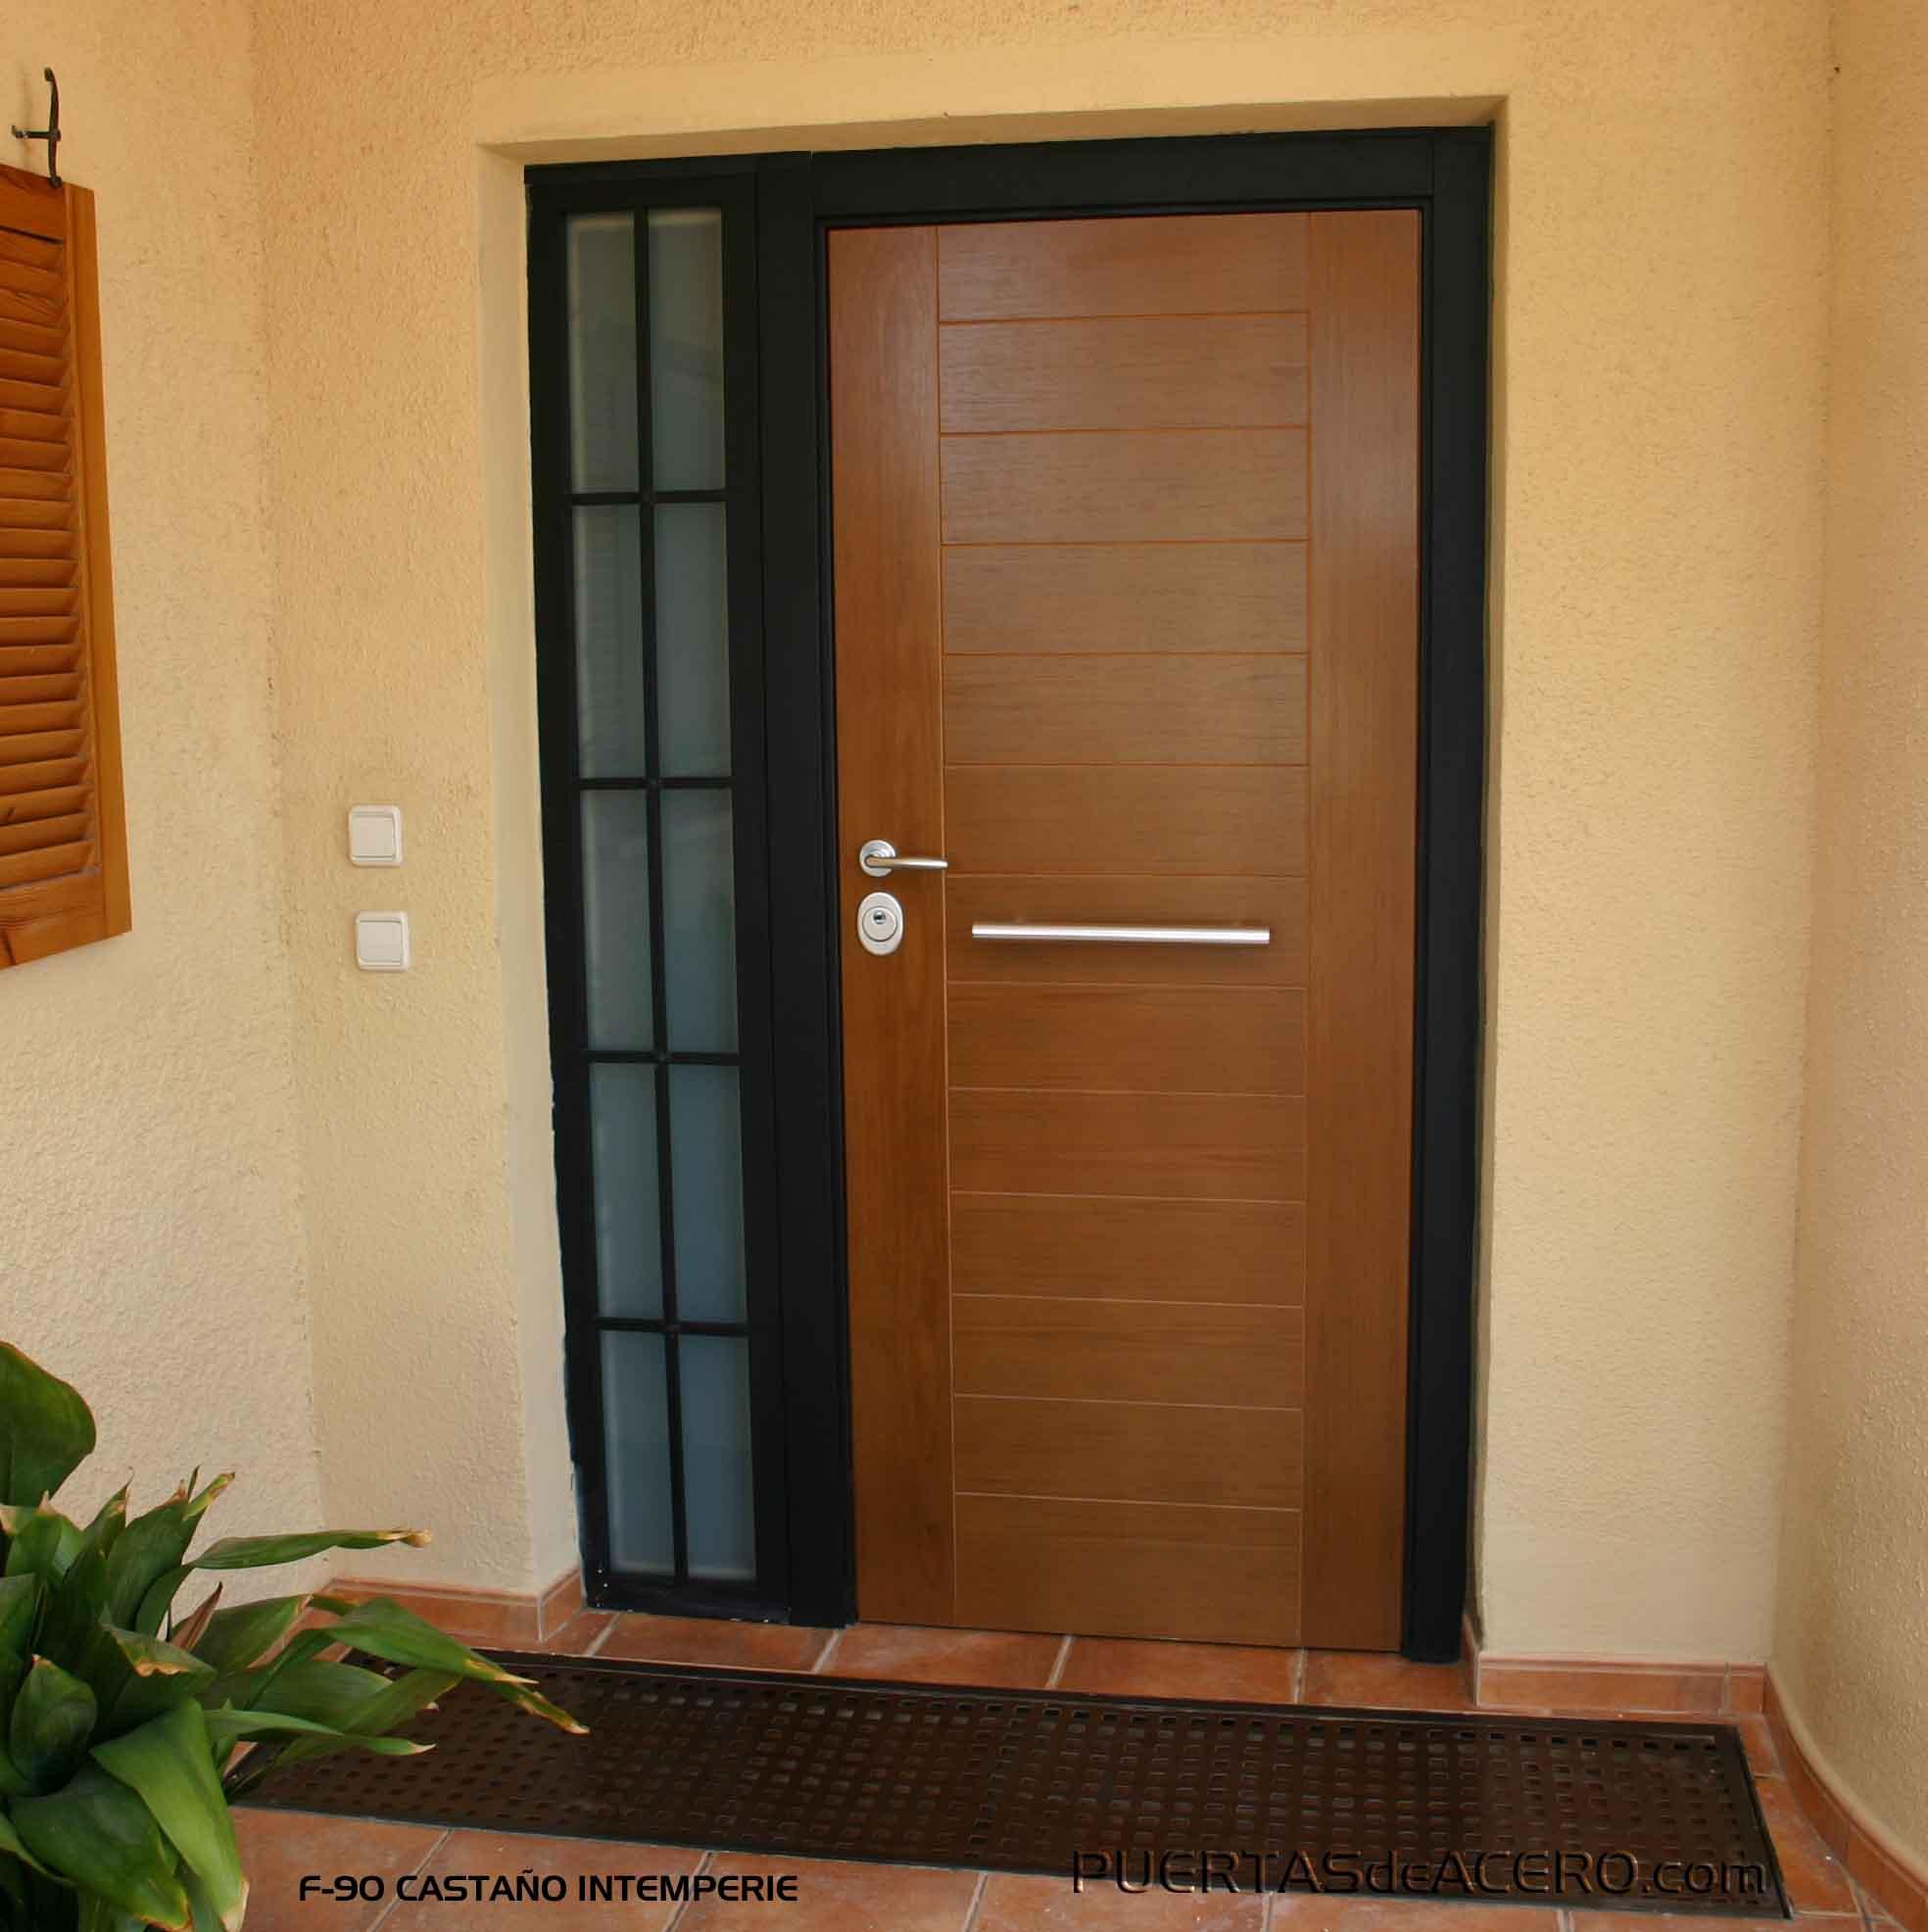 Puerta  acorazada con decoración en madera intemperie y fijo de forja